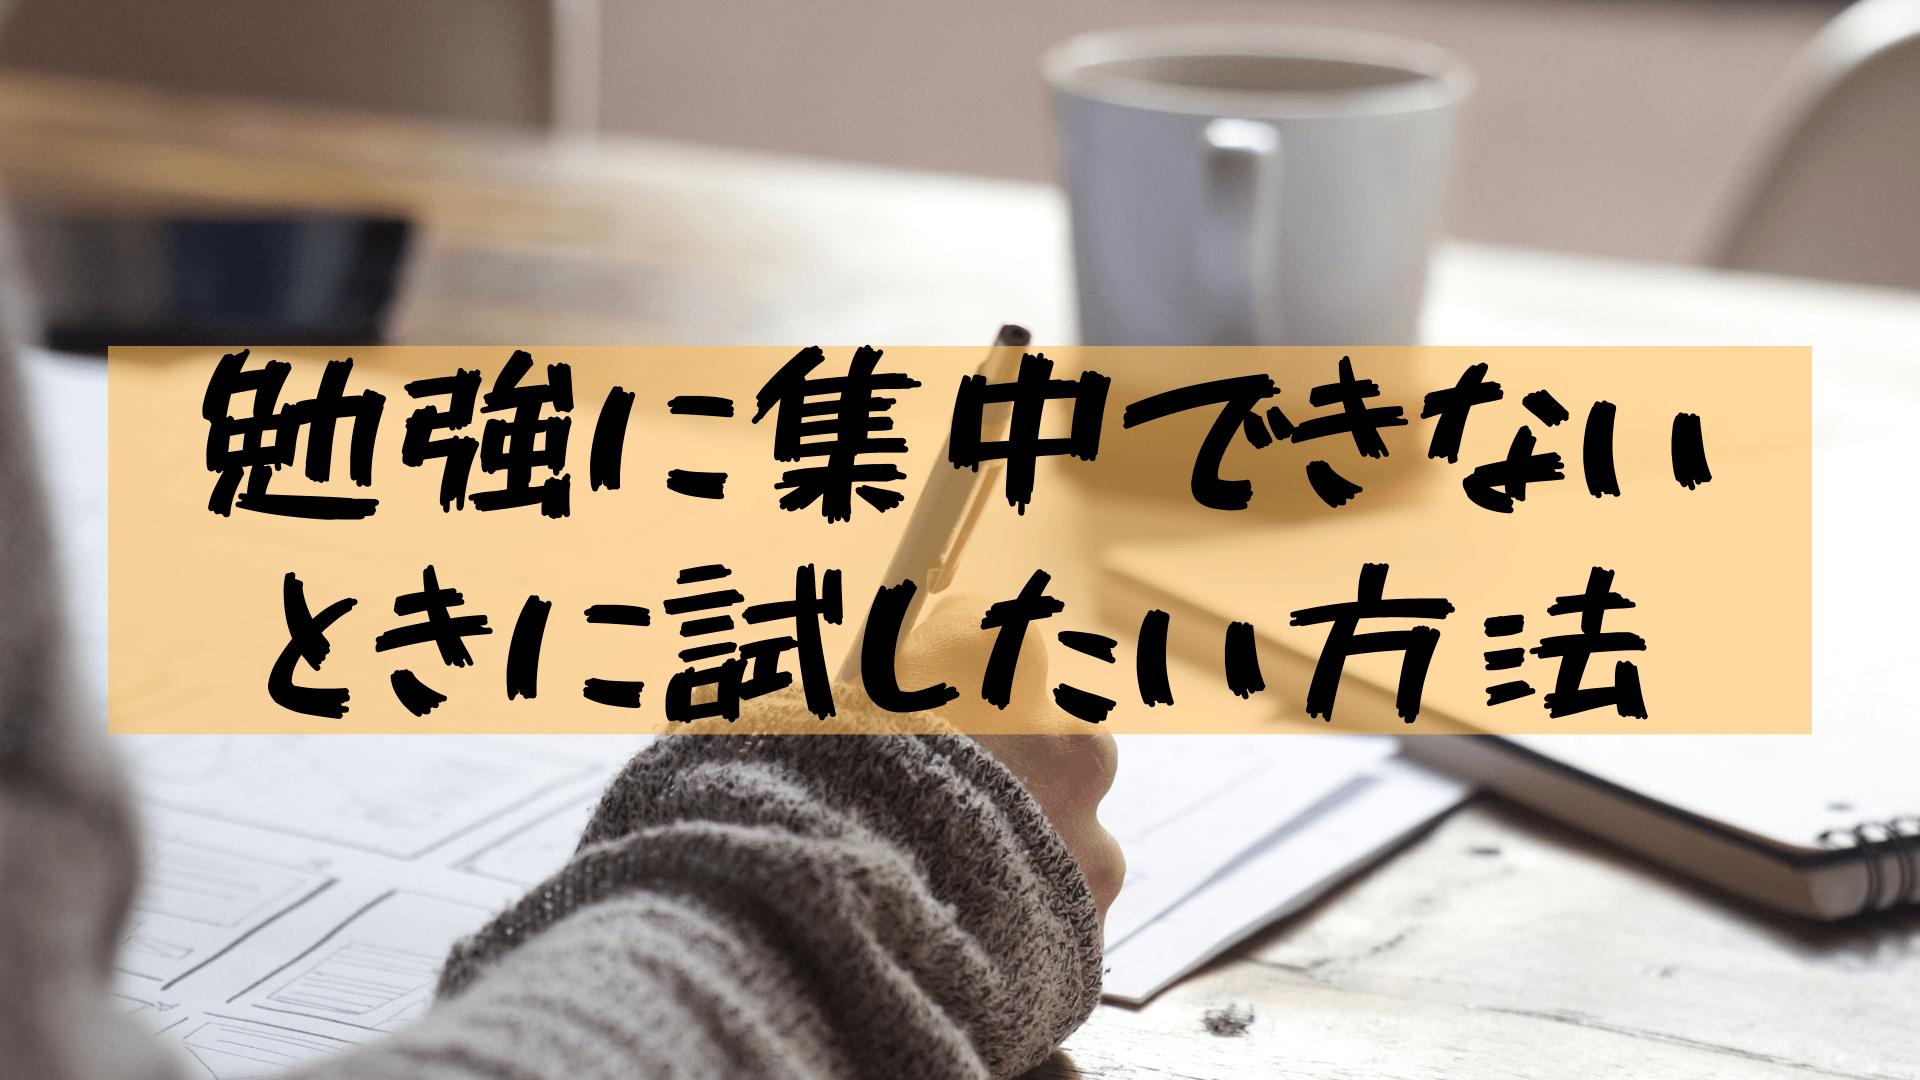 大学生の勉強方法